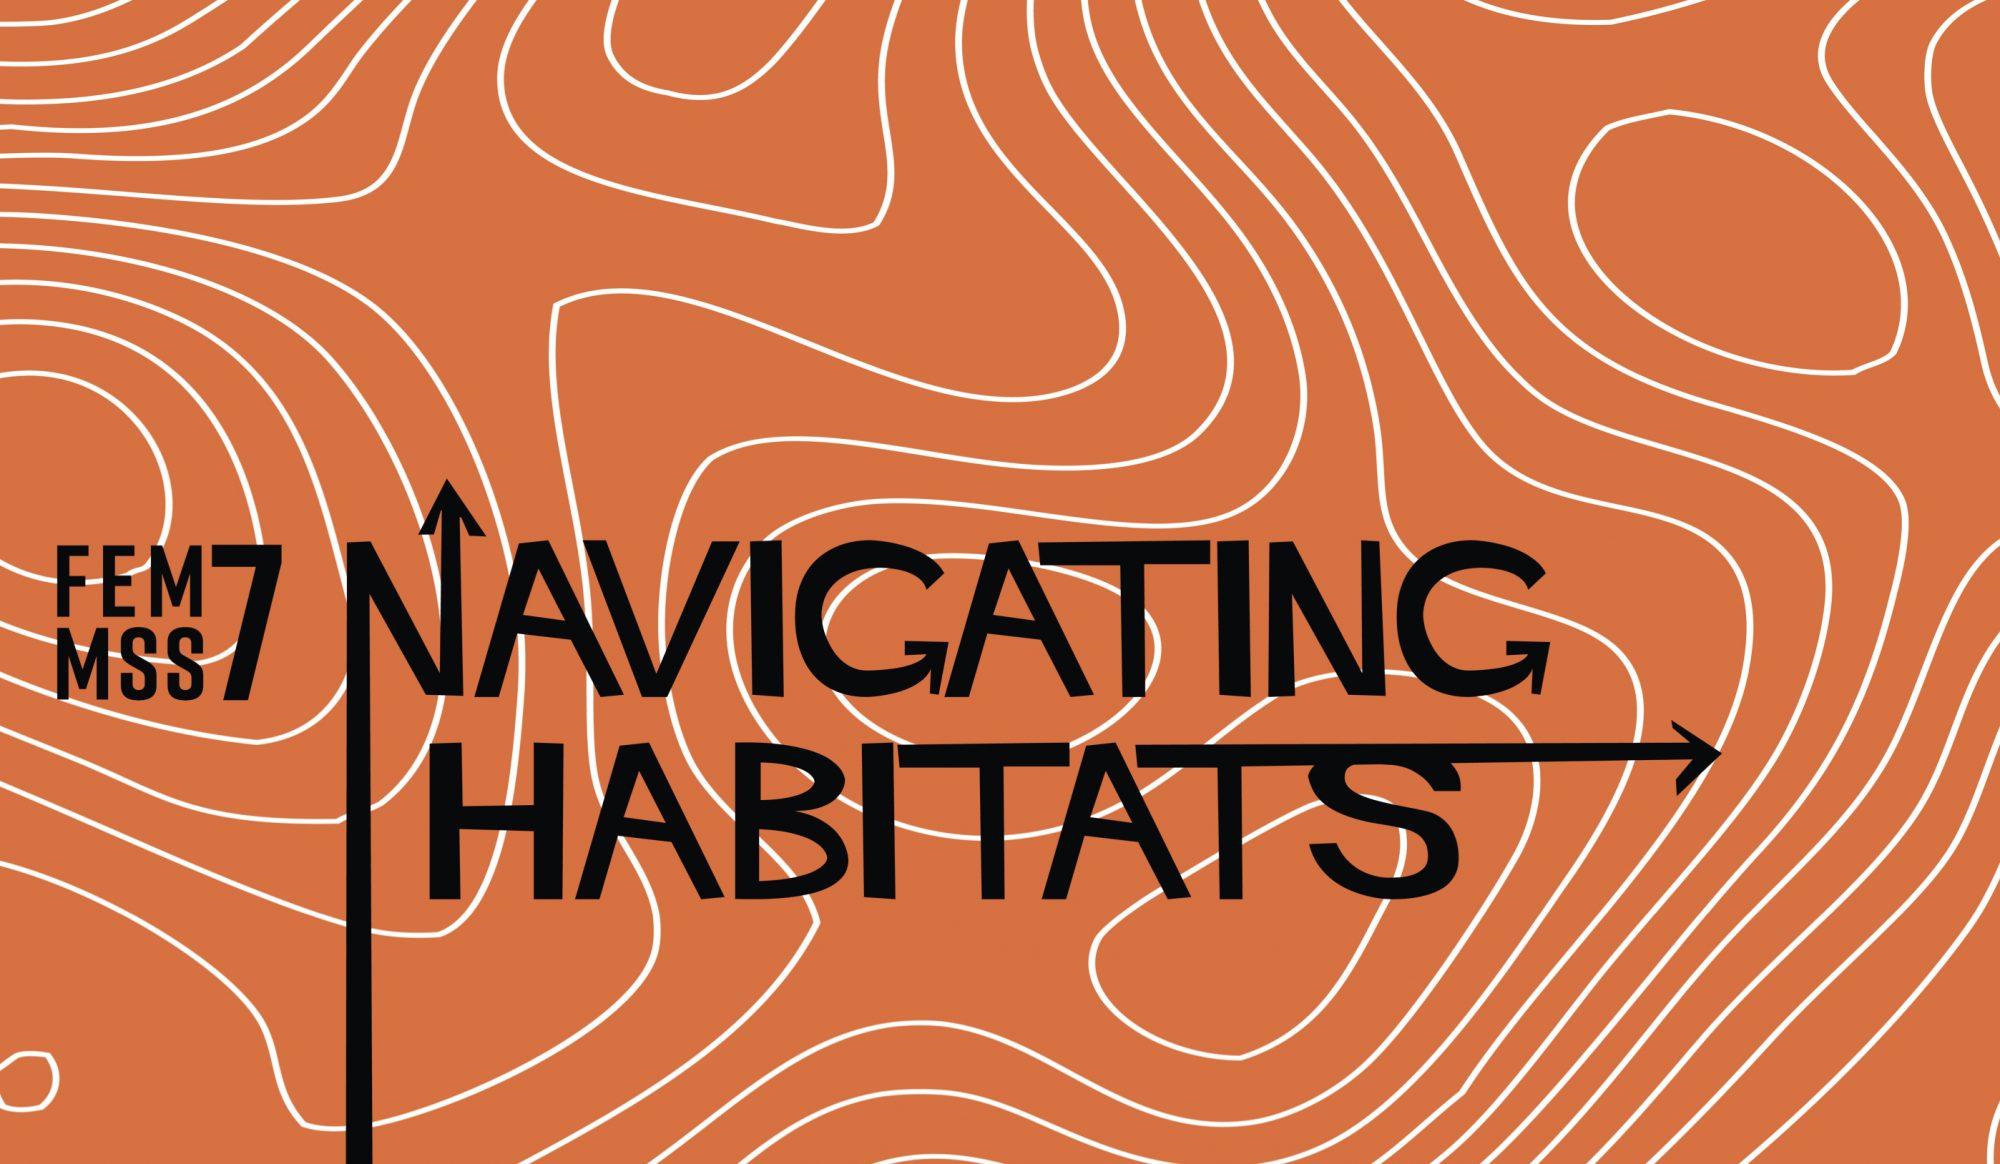 FEMMSS 7 | Navigating Habitats